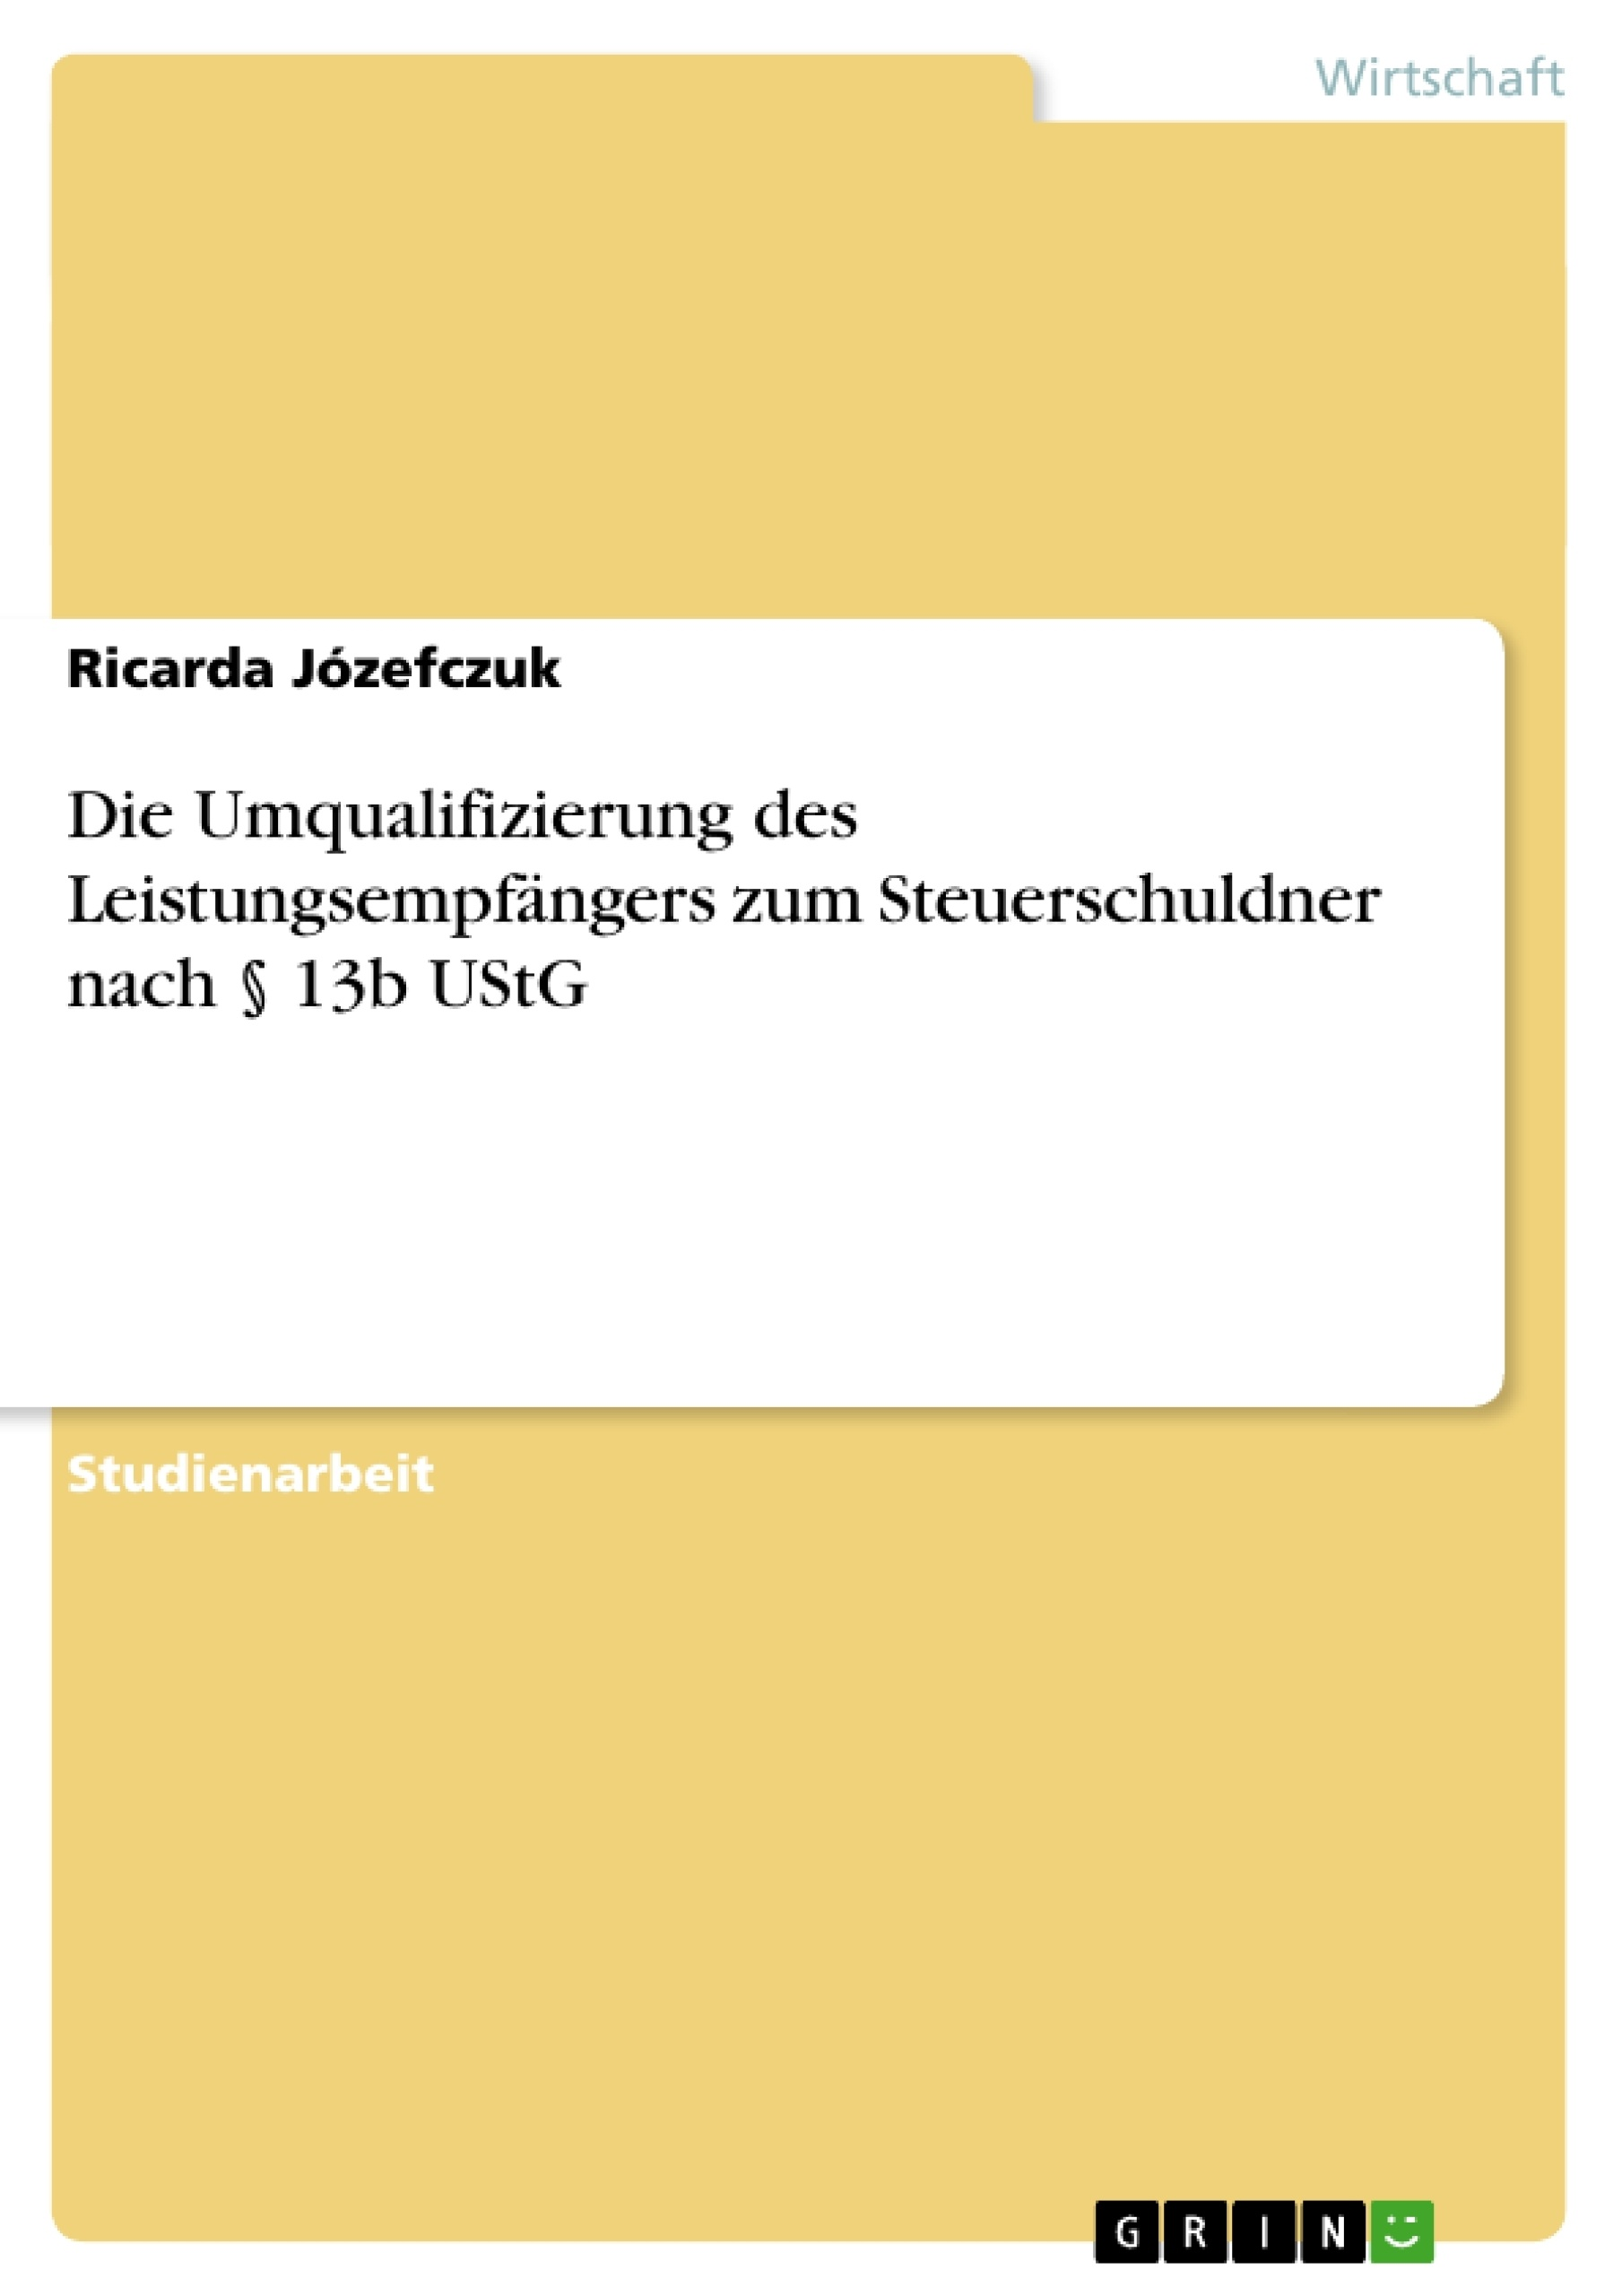 Titel: Die Umqualifizierung des Leistungsempfängers zum Steuerschuldner nach § 13b UStG